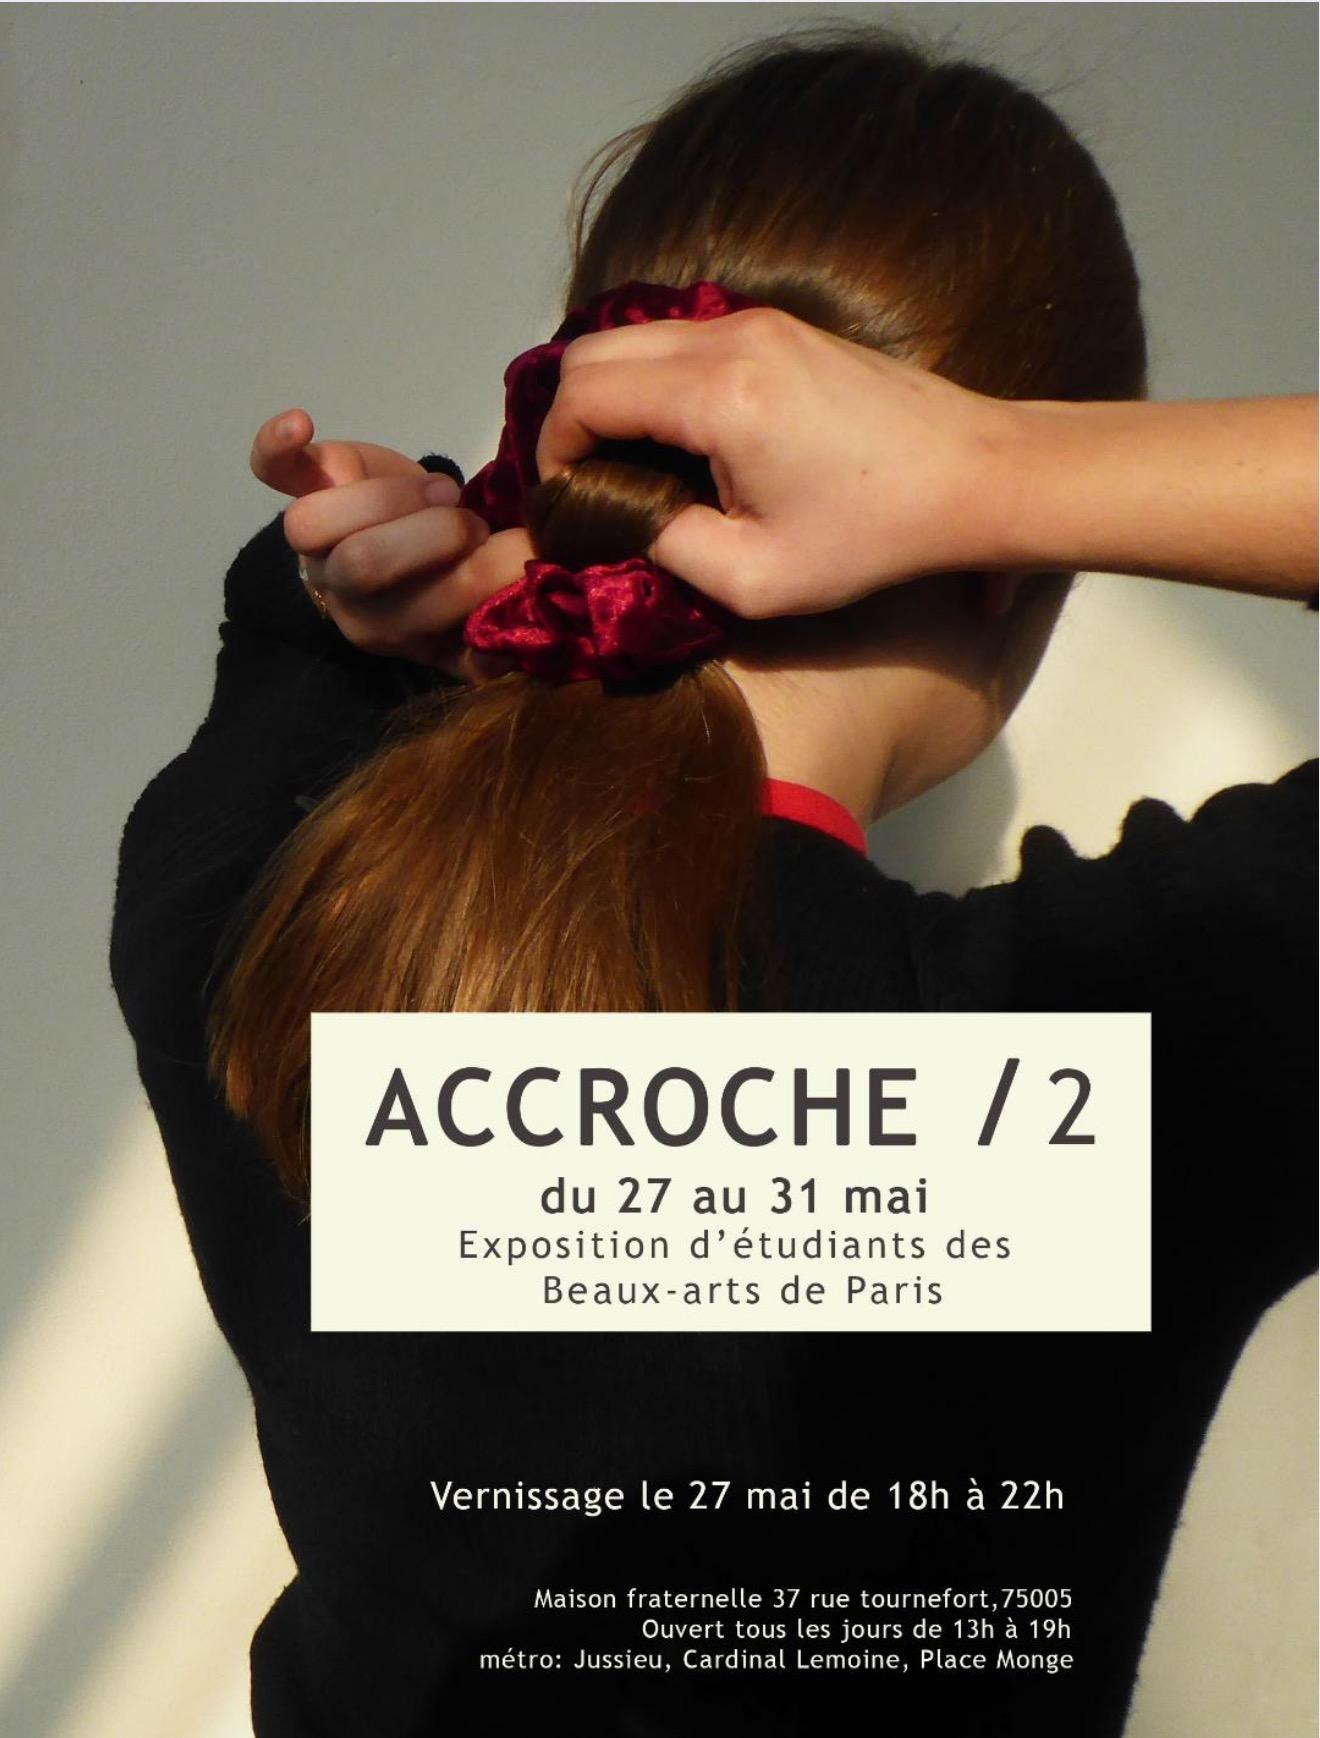 ACCROCHE/2 EXPOSITION D'ÉTUDIANTS DES BEAUX-ARTS DE PARIS